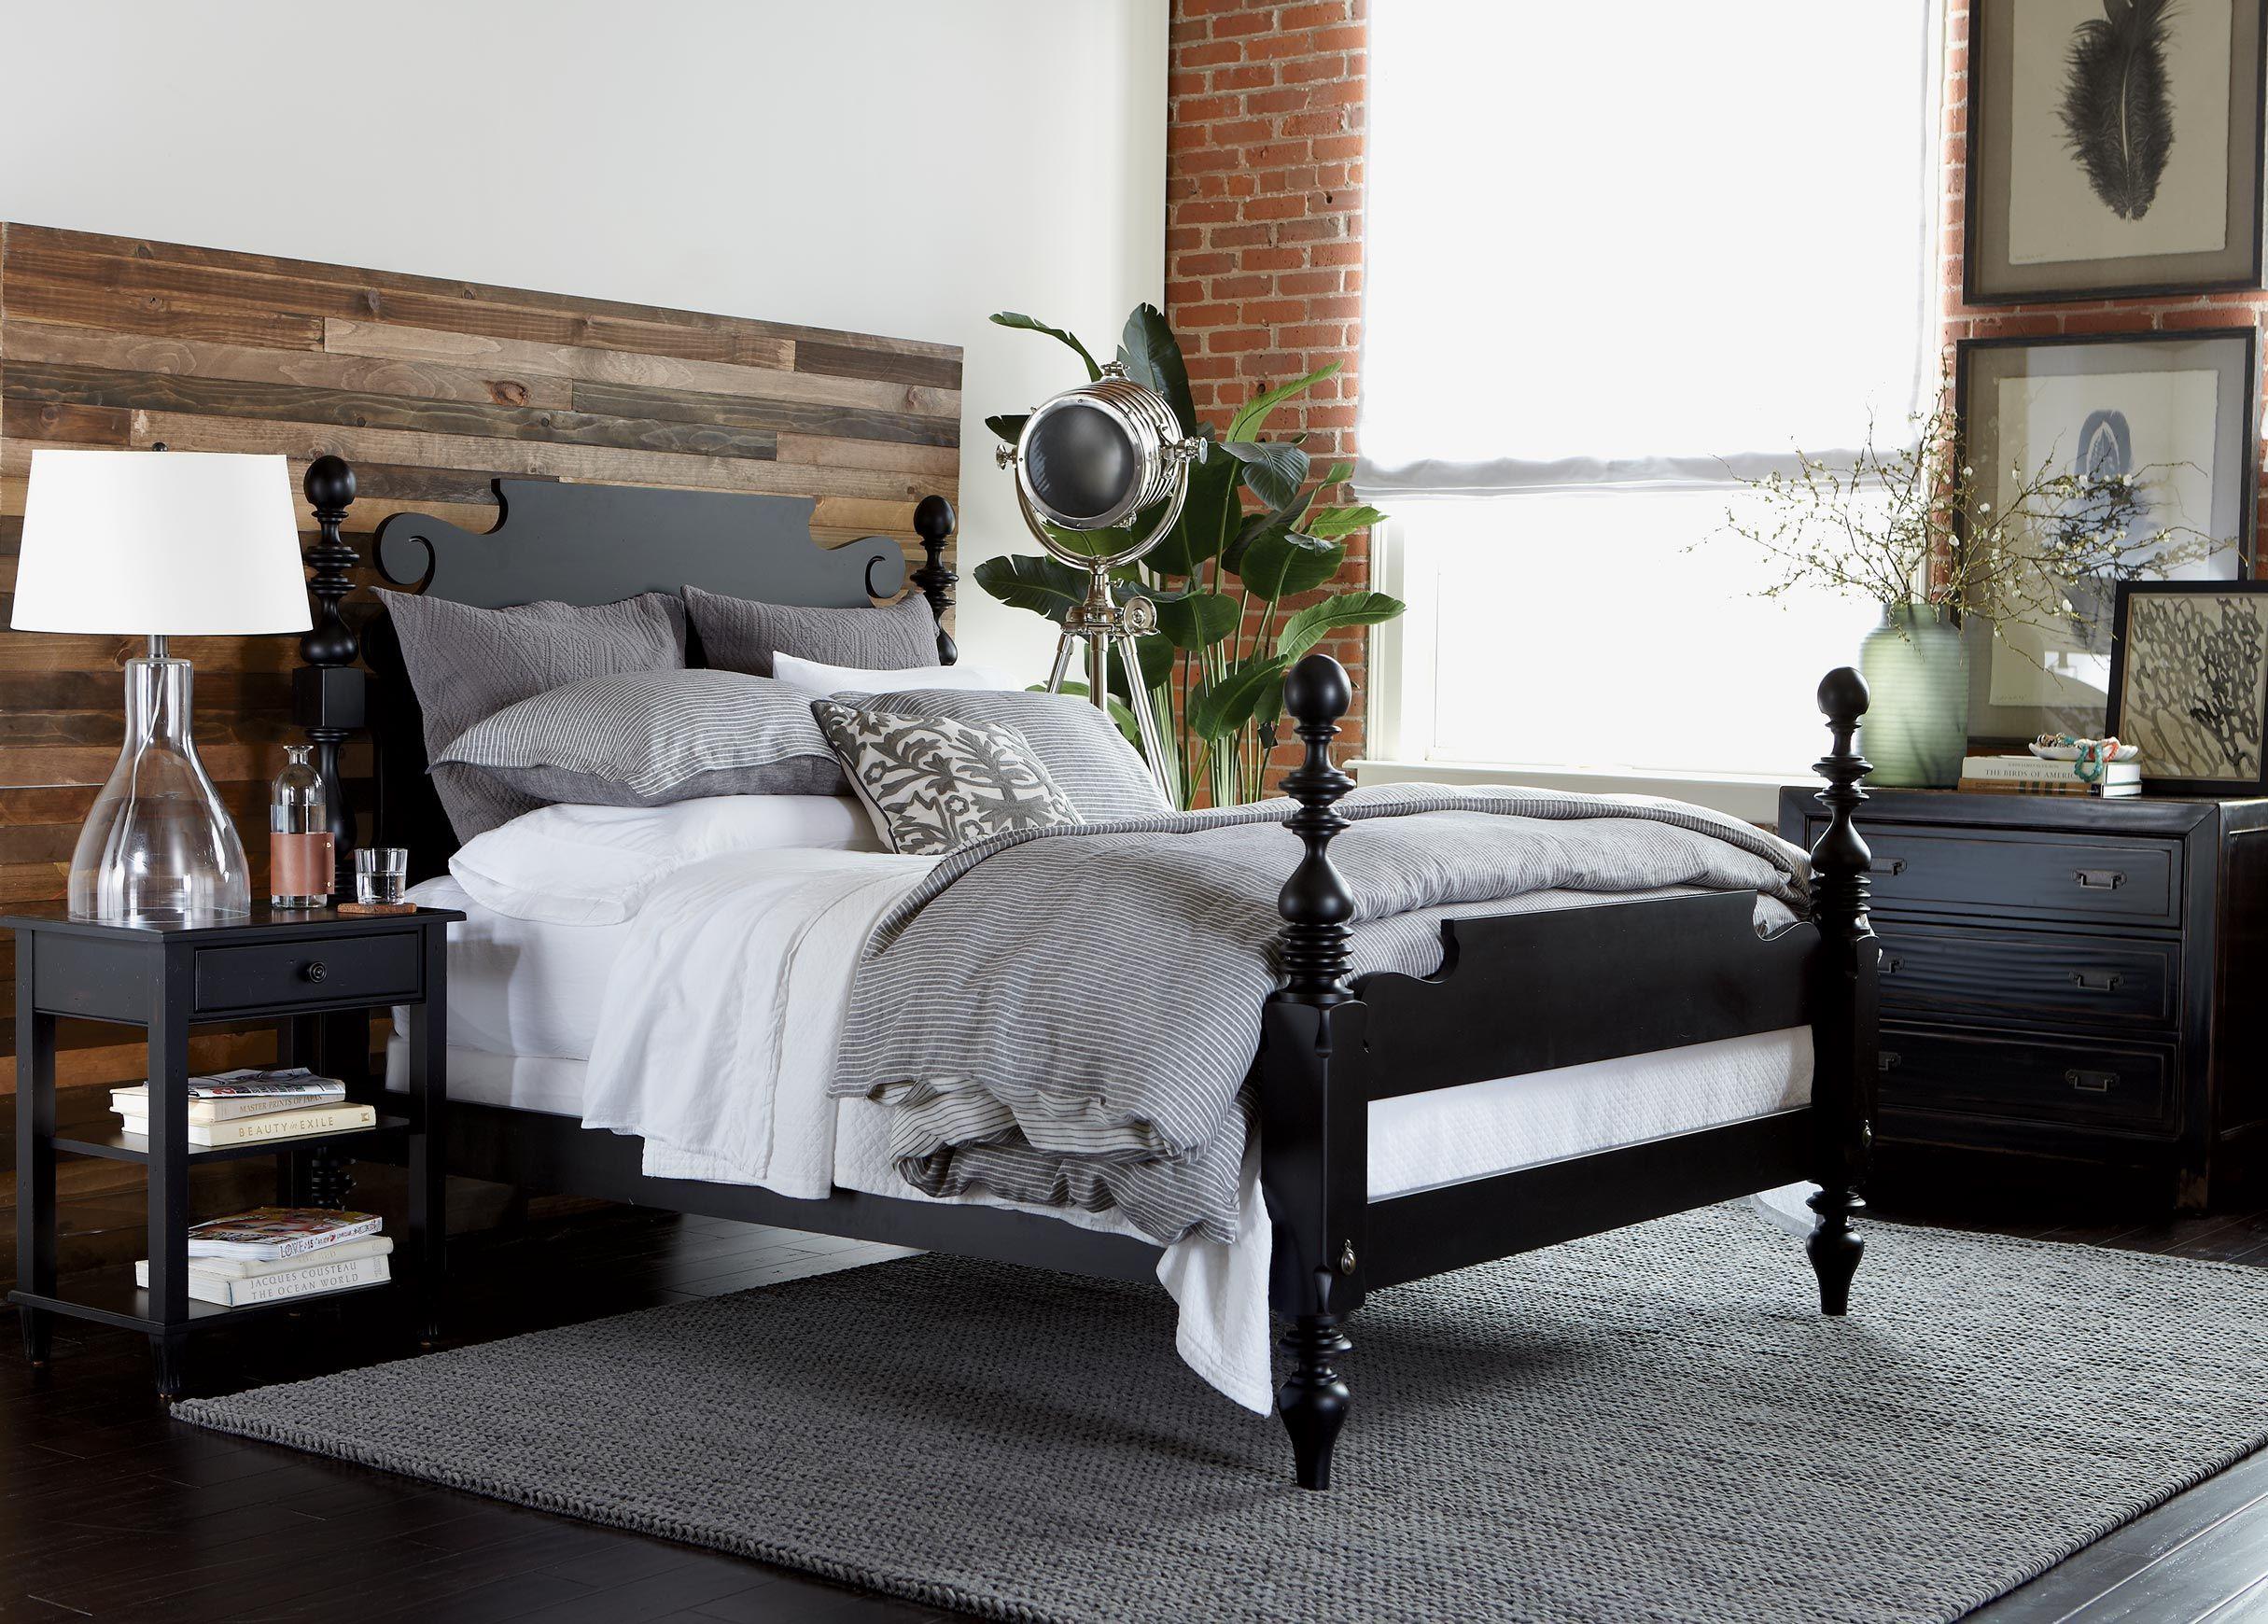 verano ticking stripe duvet cover duvet covers and shams bedroom